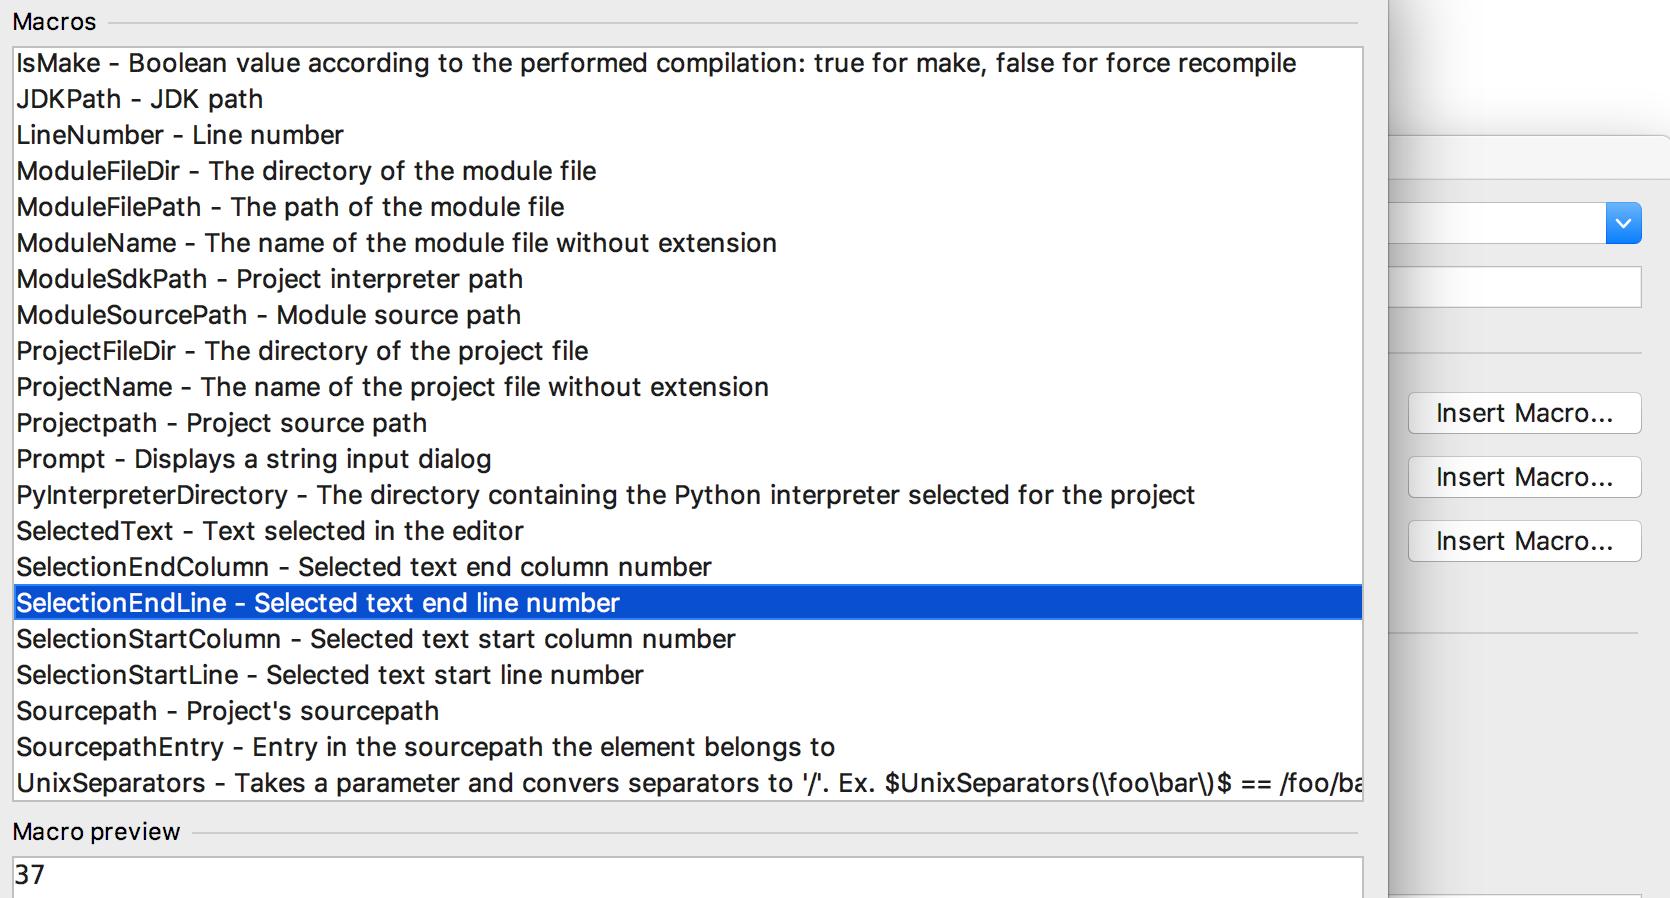 PyCharm external tool macros